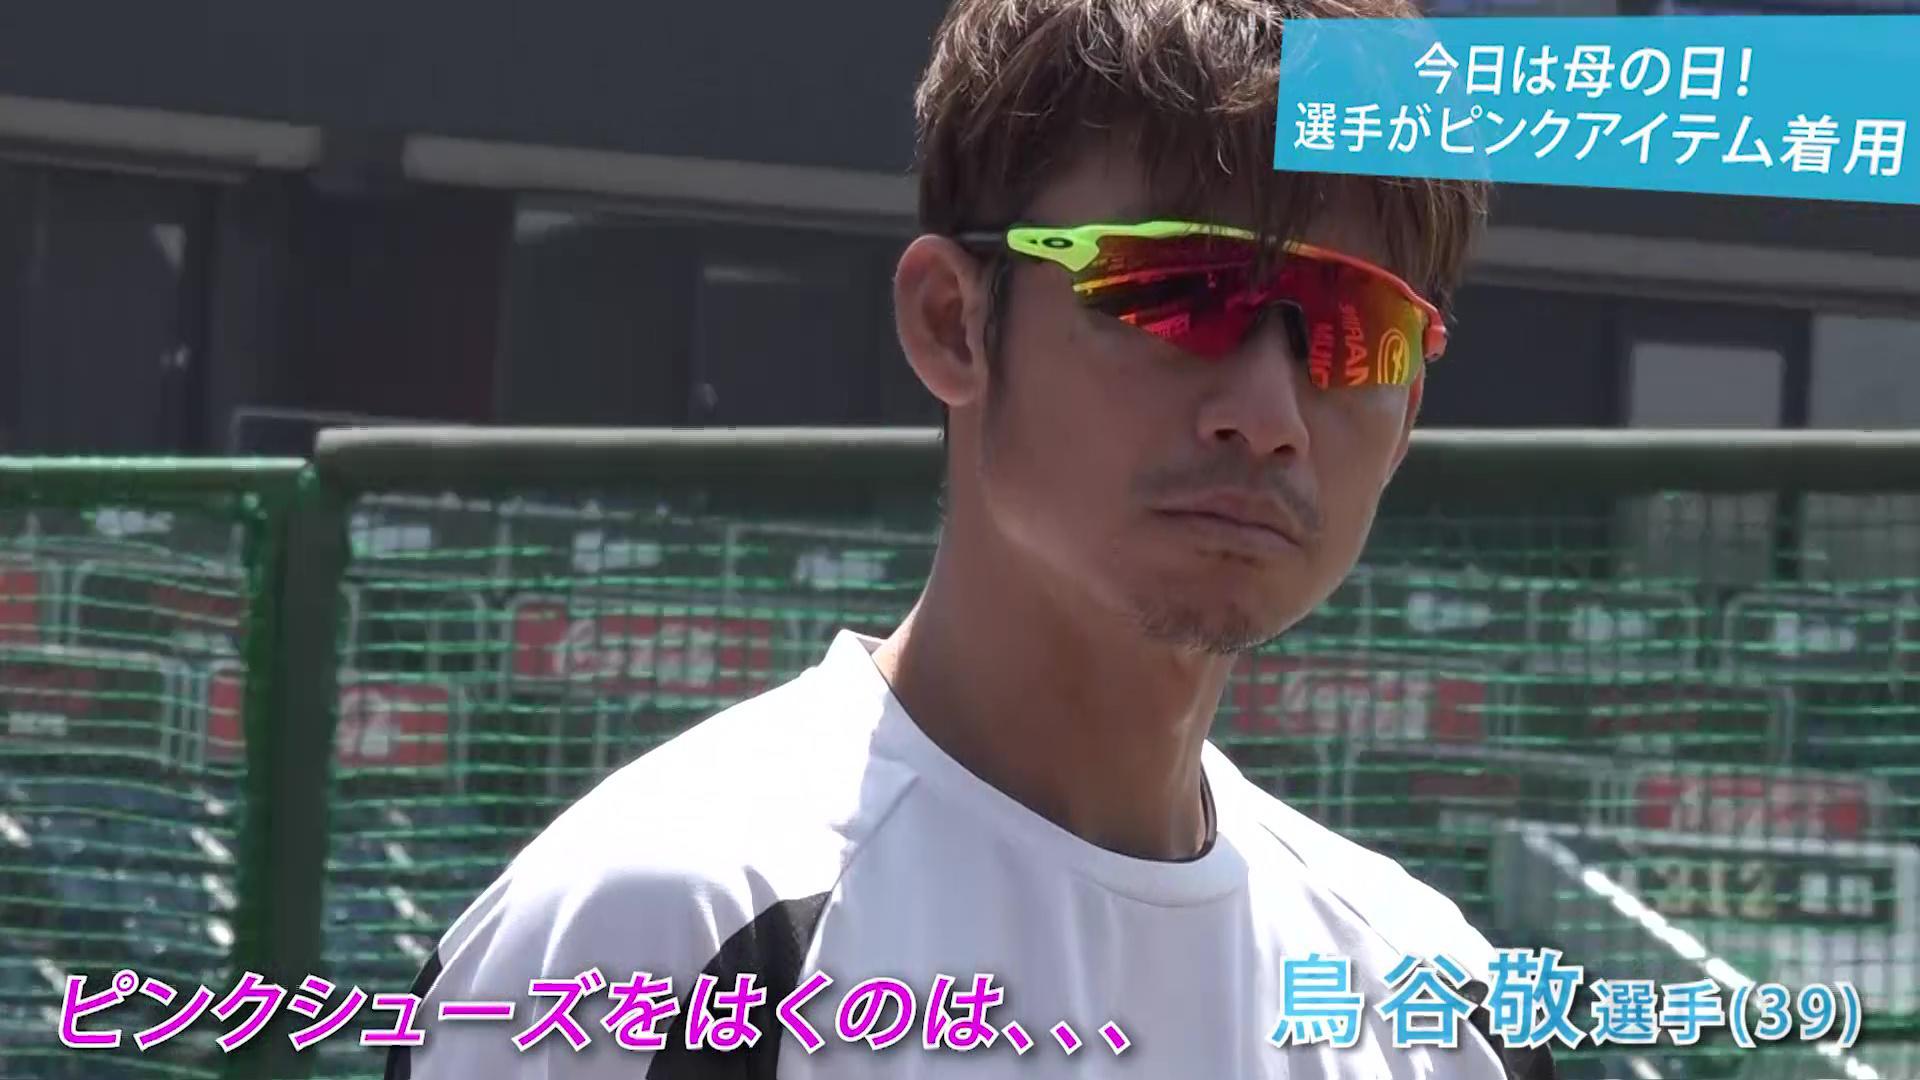 【ロッテ】お母さんいつもありがとう! 母の日の試合前練習で選手がピンクアイテムを着用